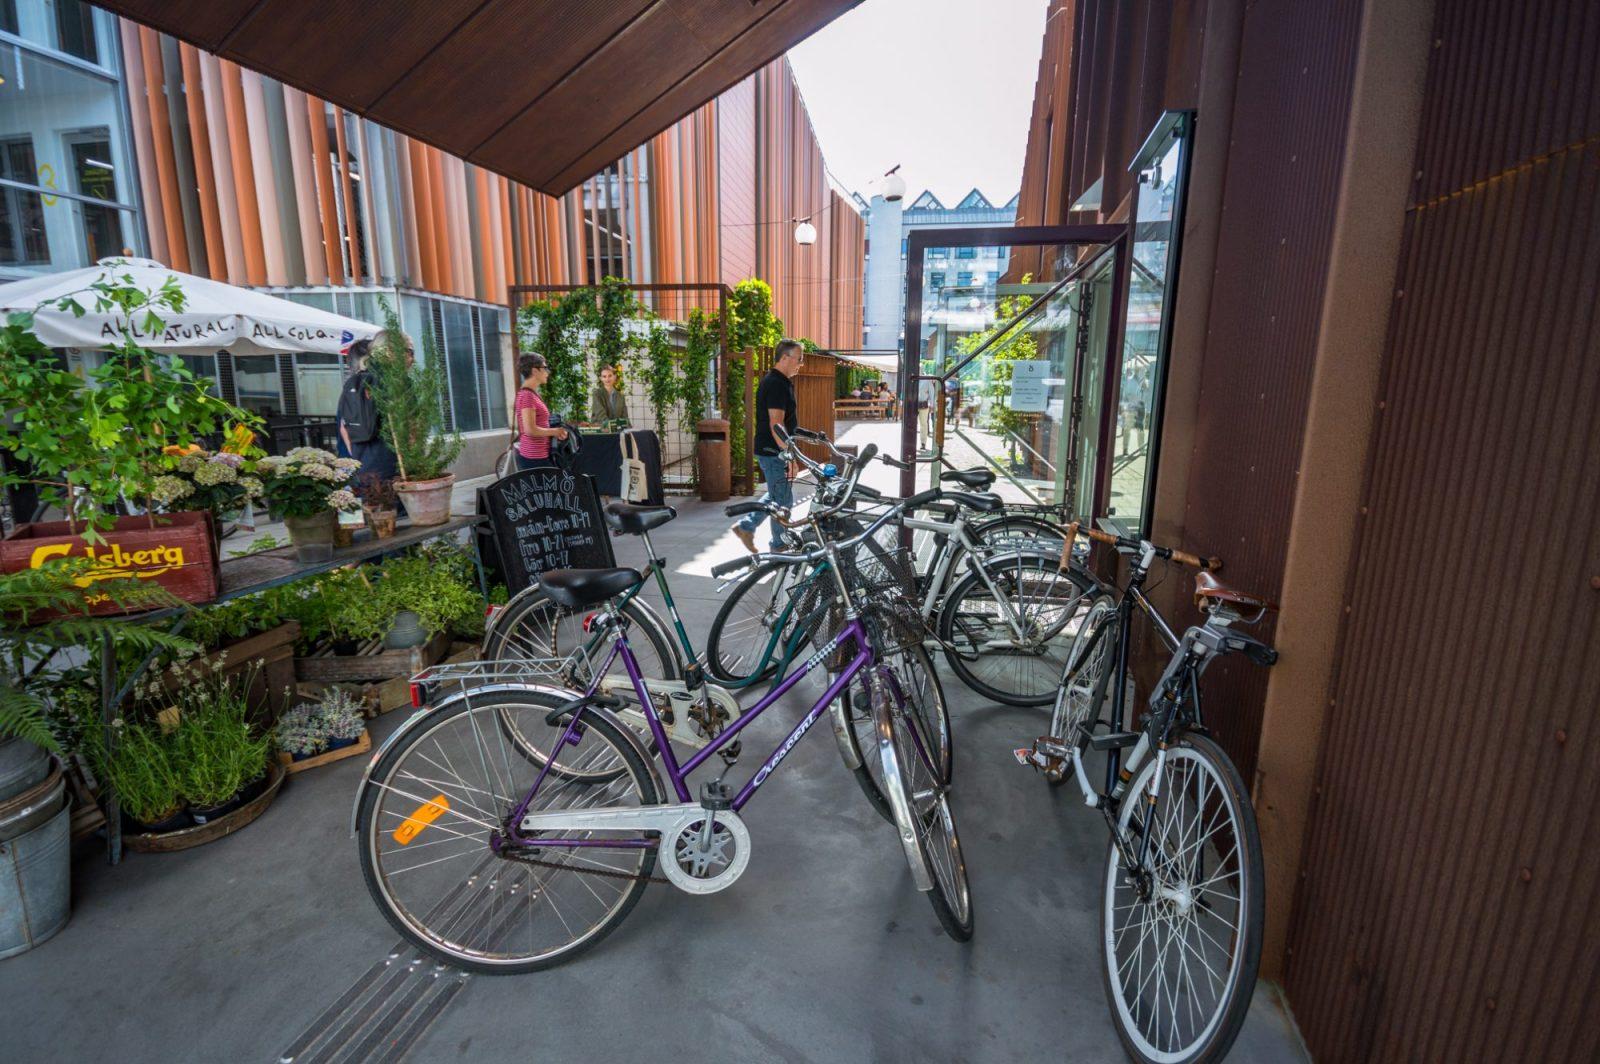 Biking in Malmo